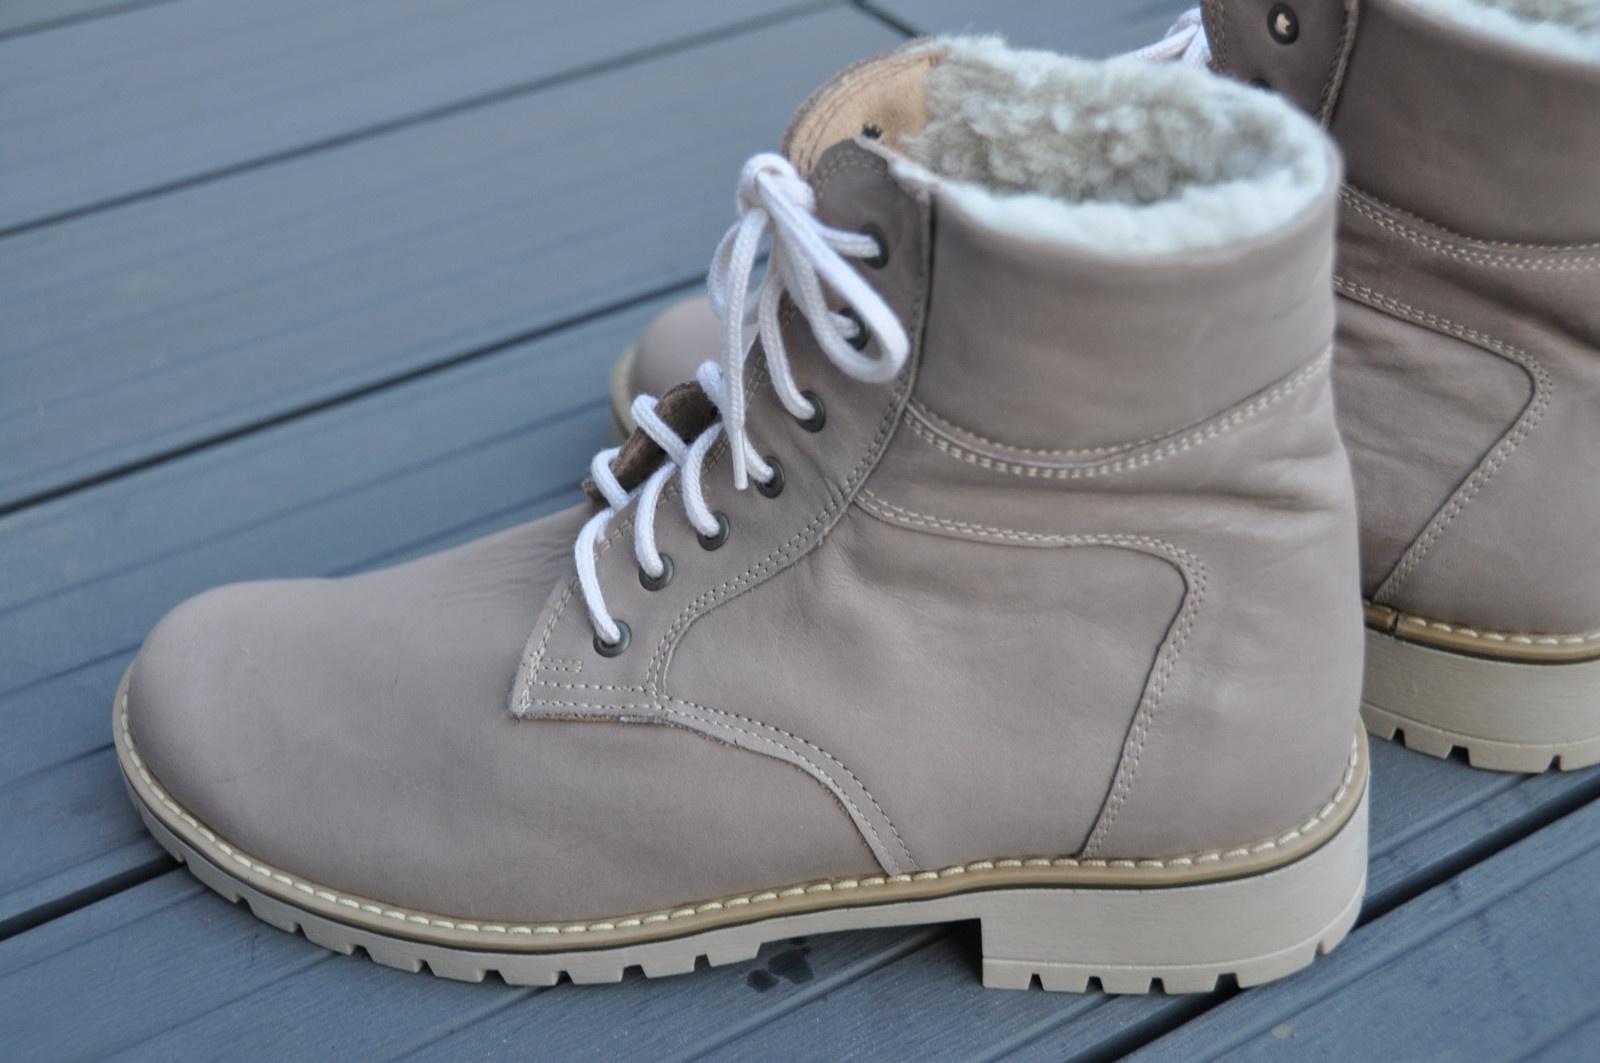 Zimní boty s kožíškem-Mont-Saint-Michel krémová   Zboží prodejce ... 1f899ecb96